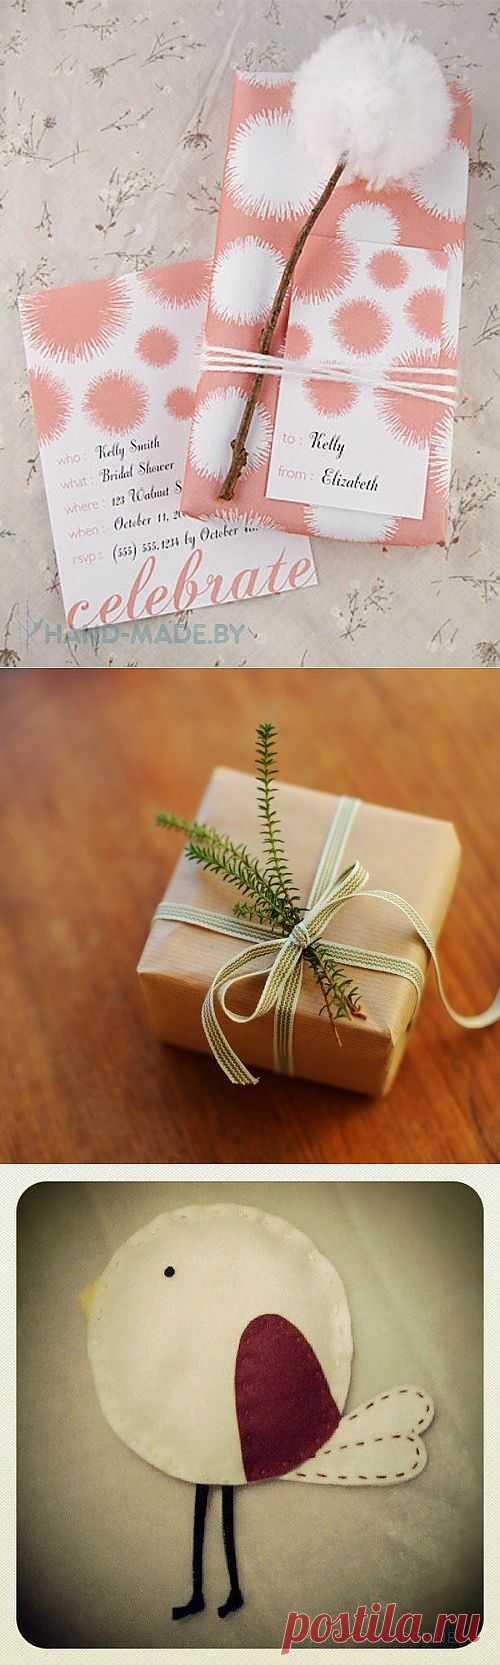 Минималистичная упаковка подарков / Упаковка подарков / Модный сайт о стильной переделке одежды и интерьера